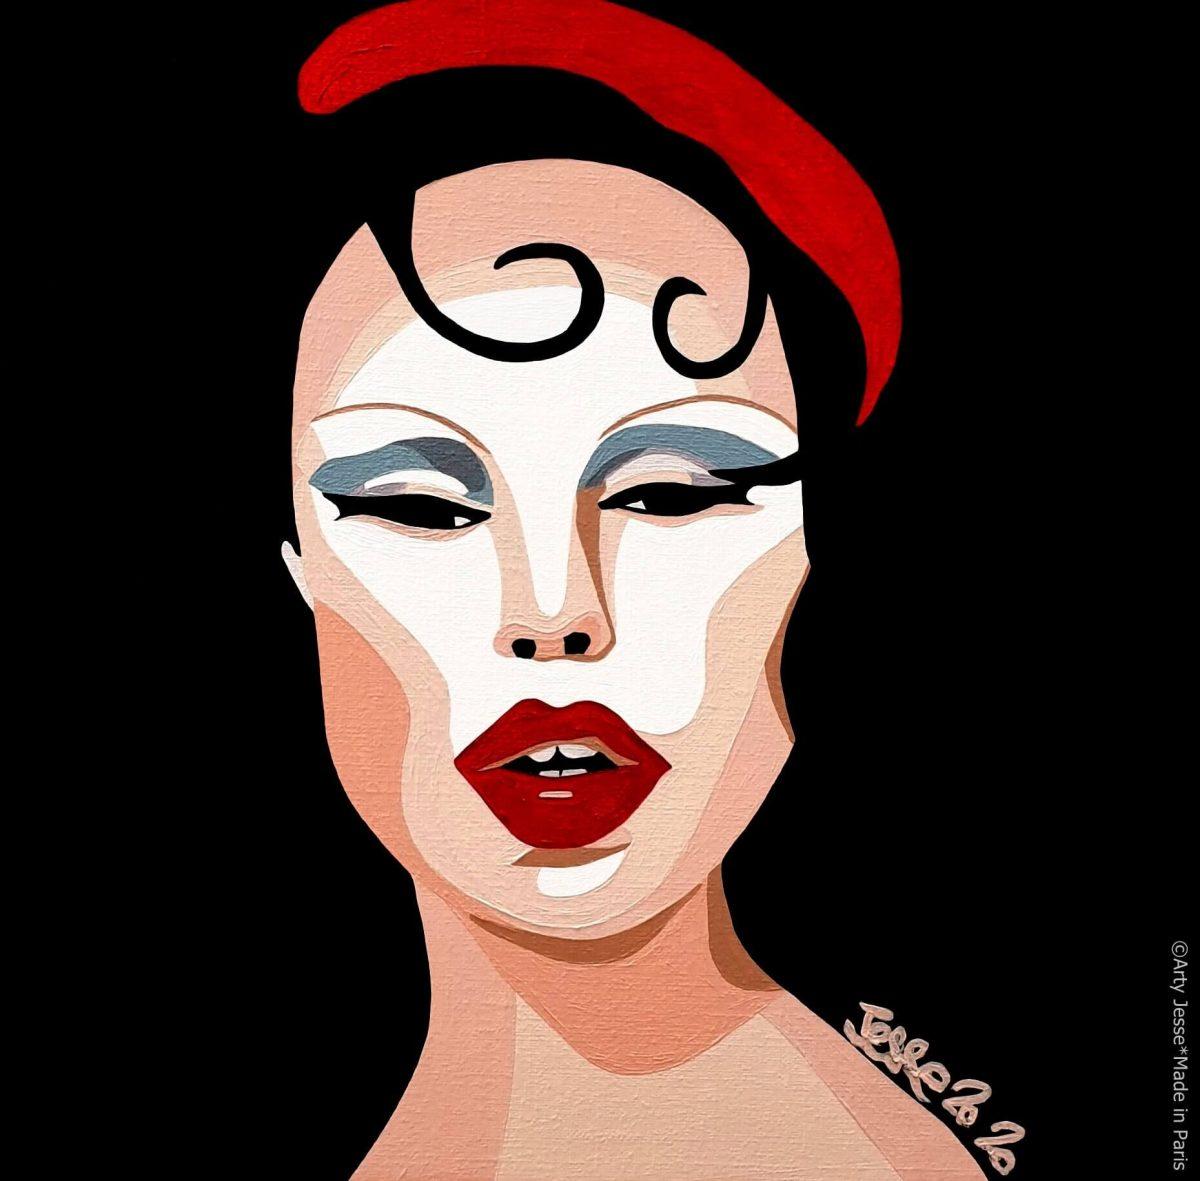 artiste peintre paris, pop artiste, pop art paris, art blog, femme forte, strong woman, circus, lgbt